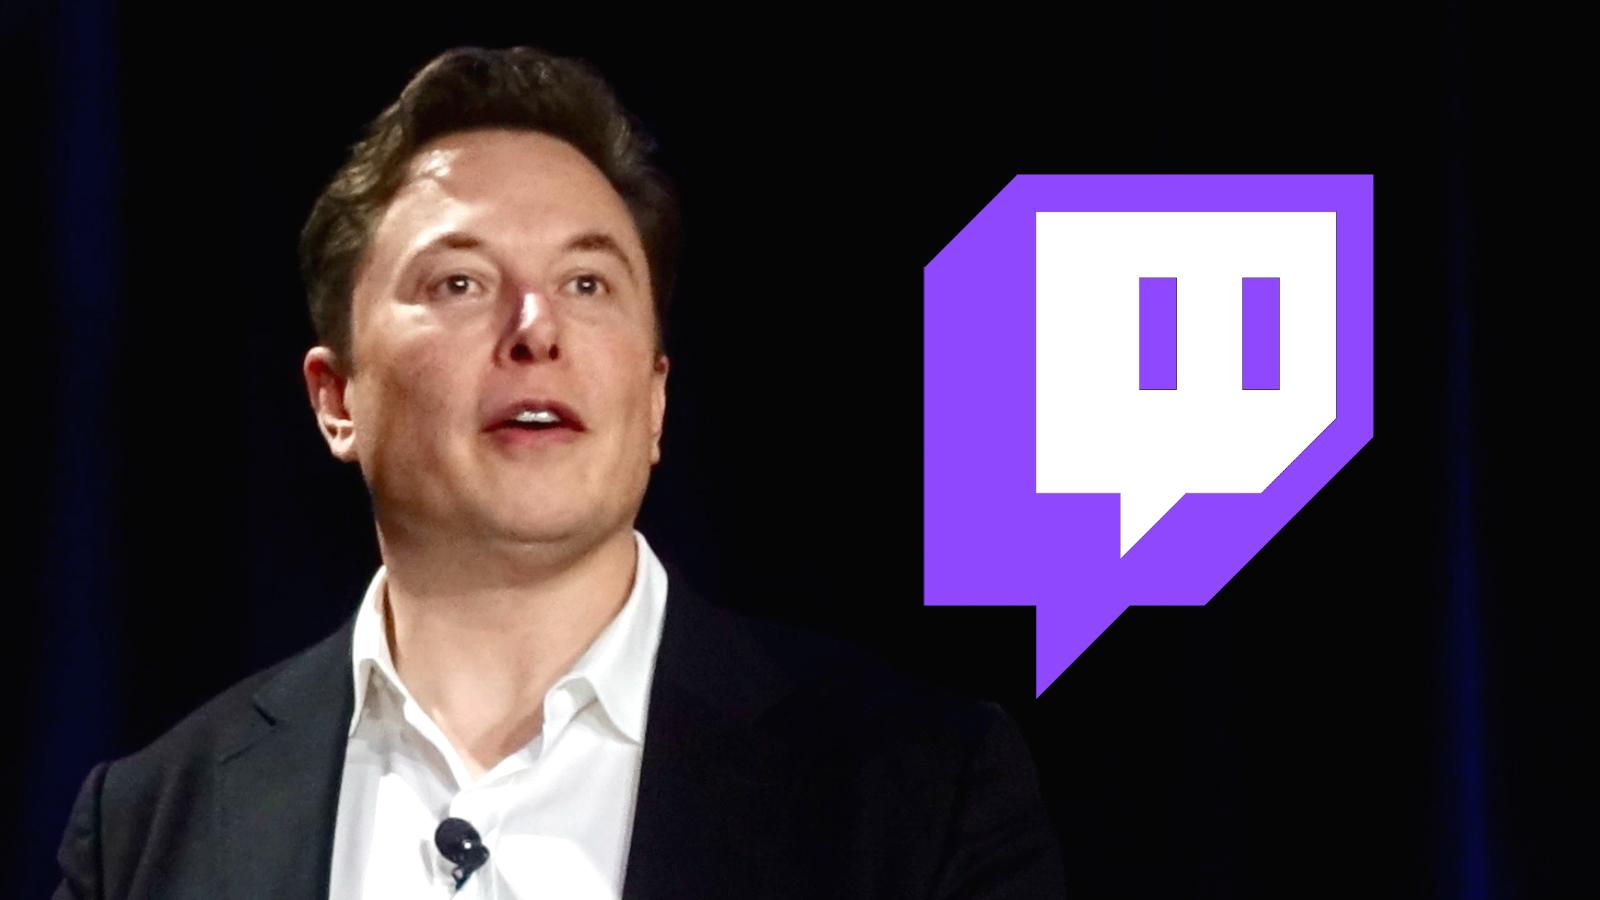 Elon Musk with Twitch logo